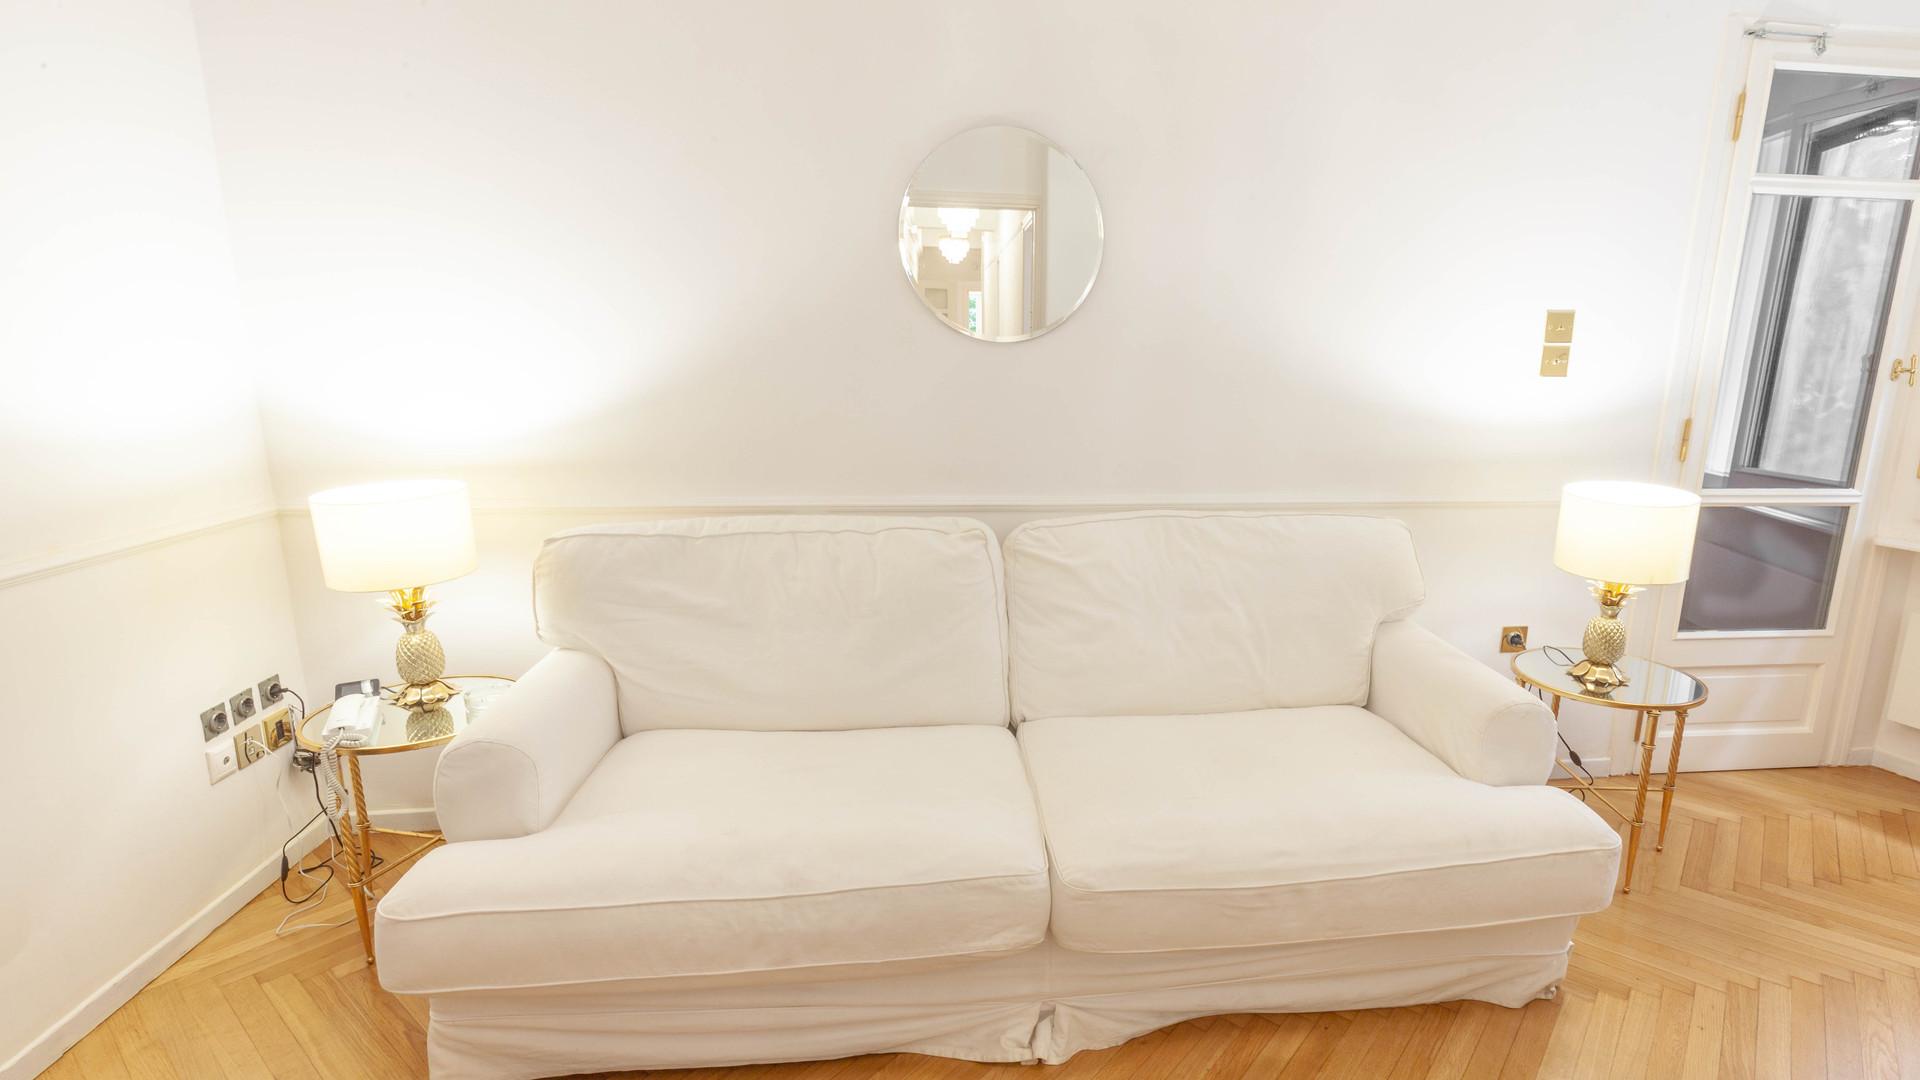 καναπές στούντιο φωτογραφίας